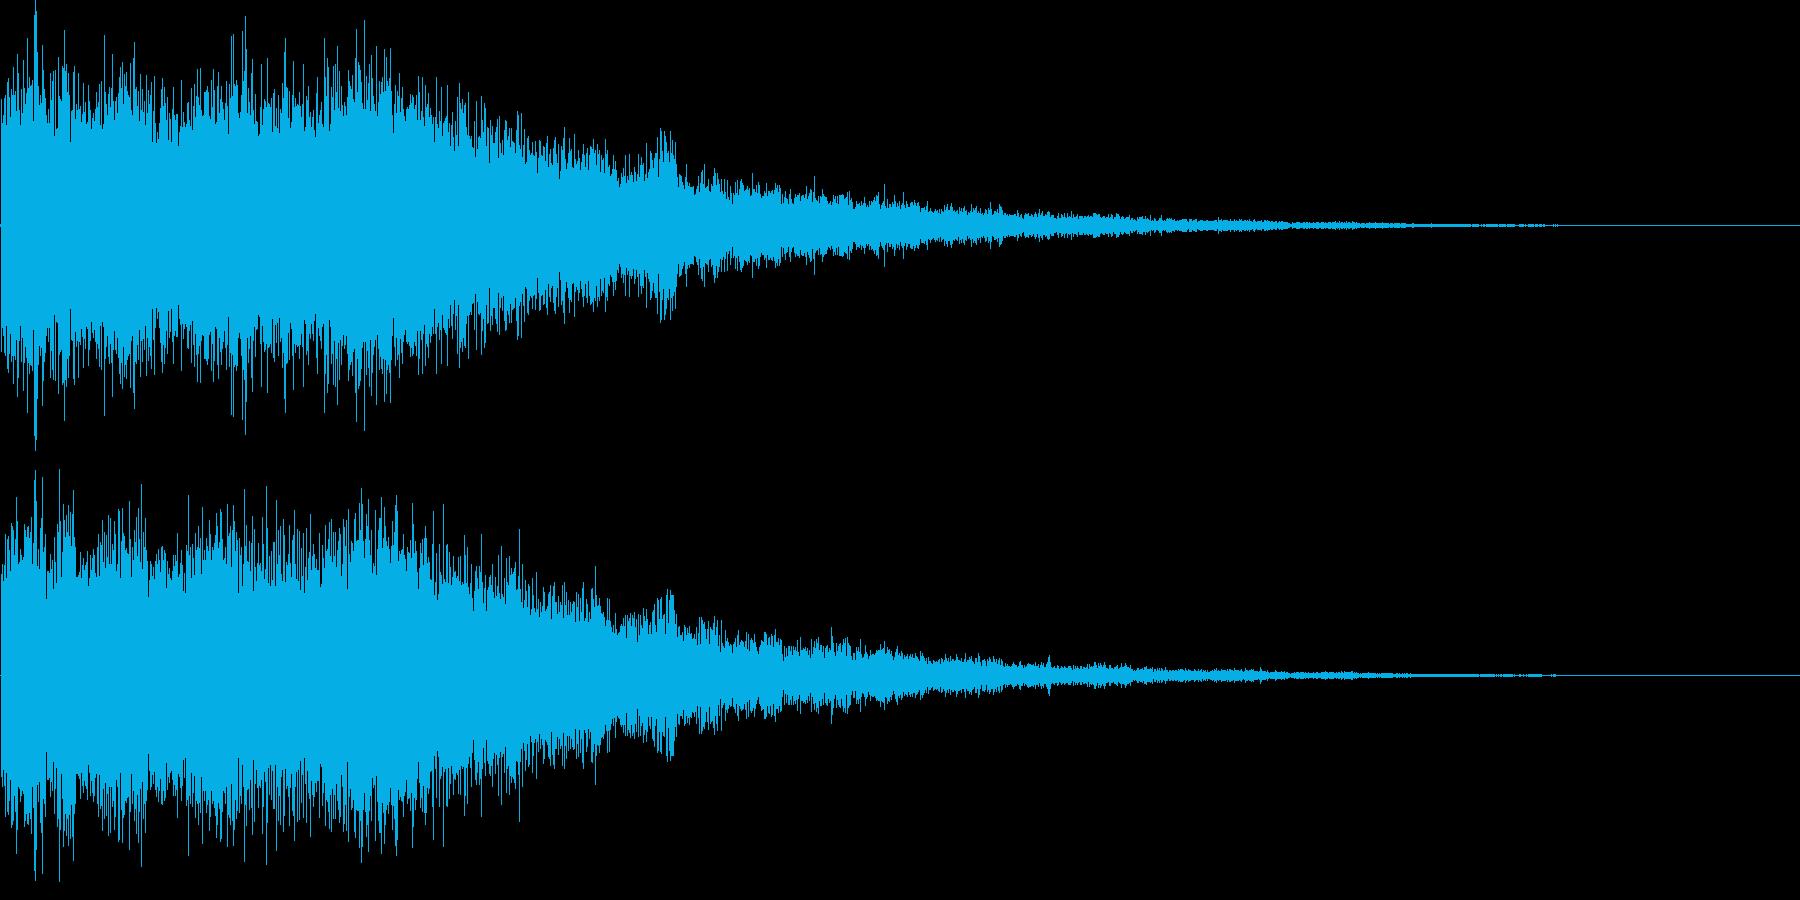 氷魔法03b(冷気属性魔法)の再生済みの波形